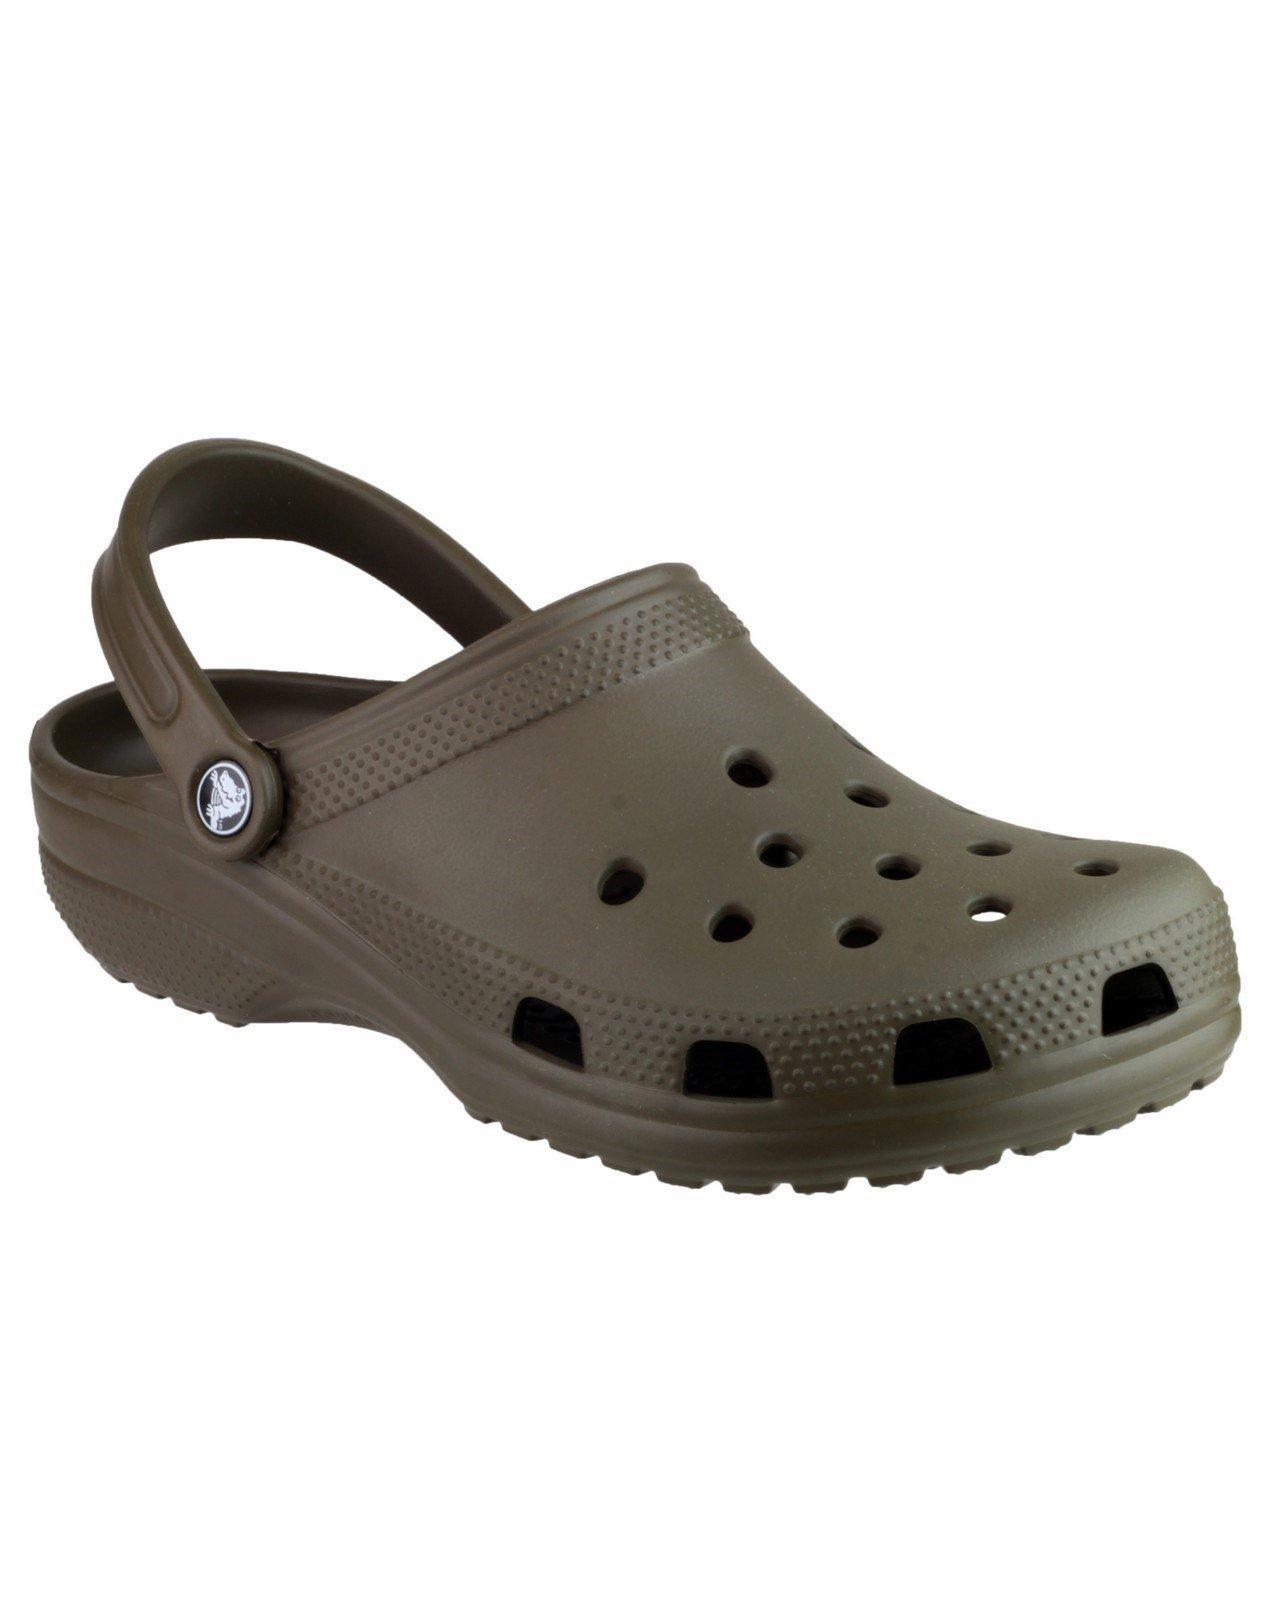 Crocs Unisex Classic Clog Sandal Various Colours 21060 - Brown 3